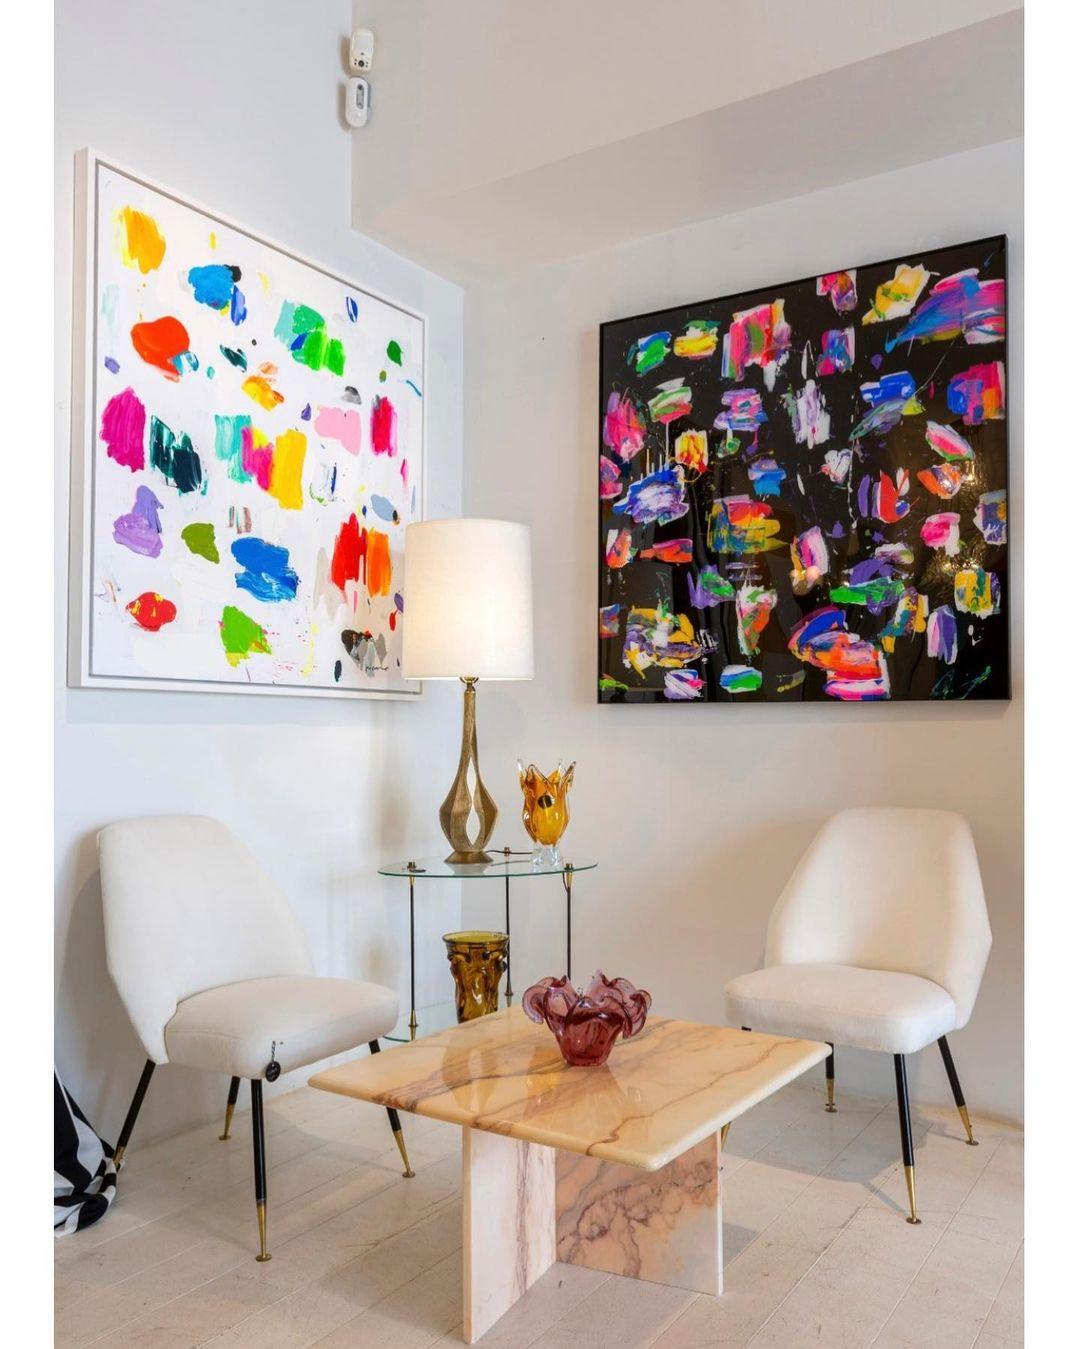 Diseño de Interiores: Una selección poderosa de proyectos en Madrid diseño de interiores Diseño de Interiores: Una selección poderosa de proyectos en Madrid 182078346 300359935138316 7259135600901494316 n